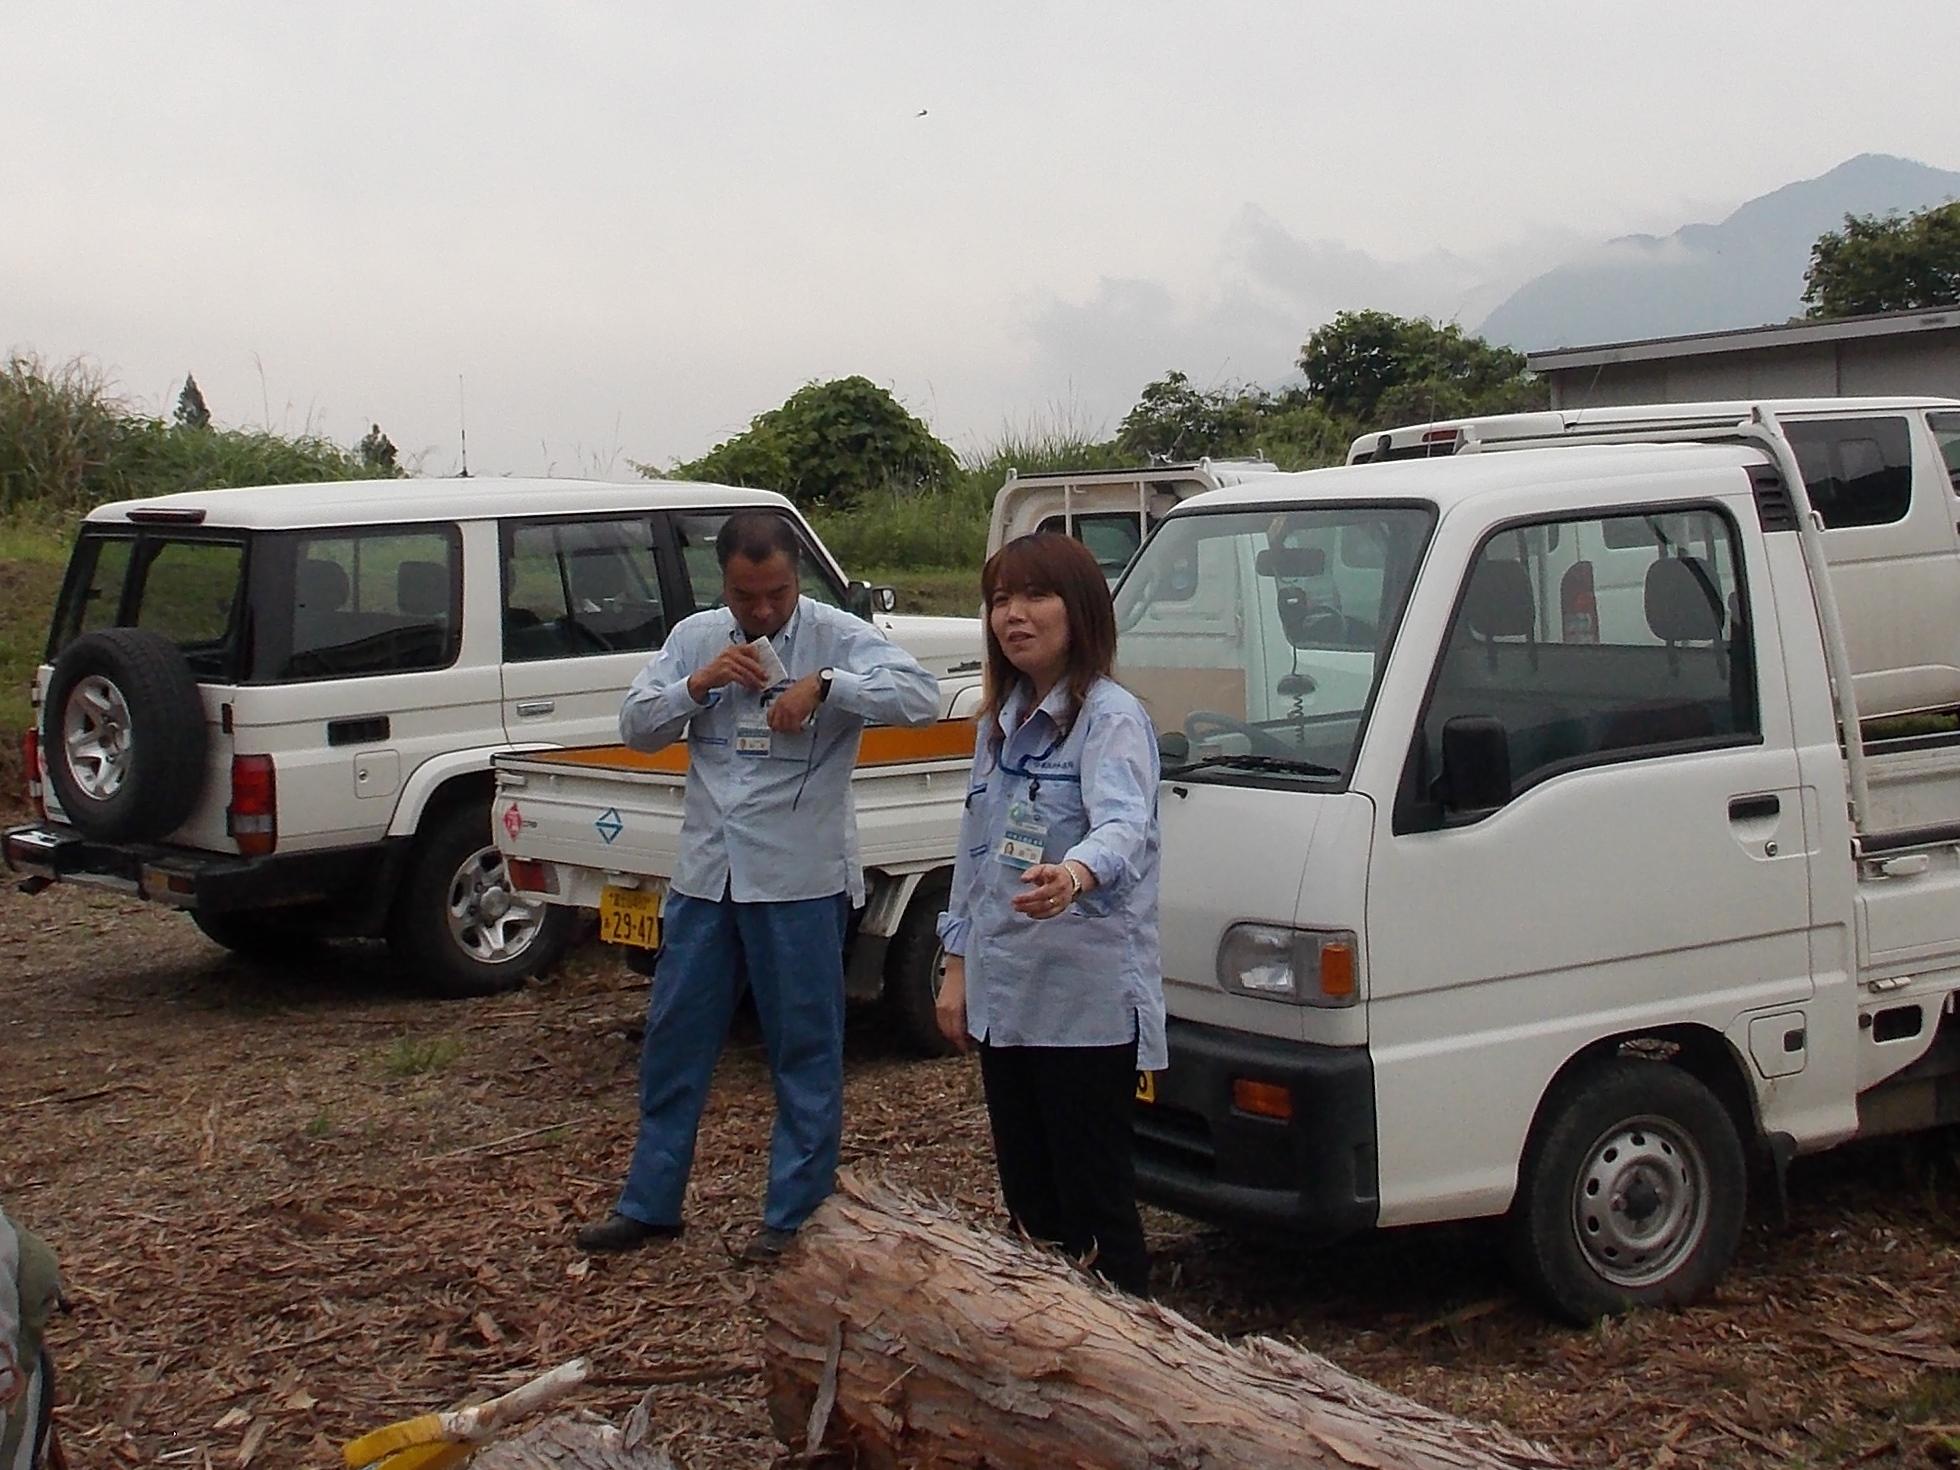 水源林管理所の女子職員さん、我々の活動応援に臨時出勤でした(有難う御座いました)。